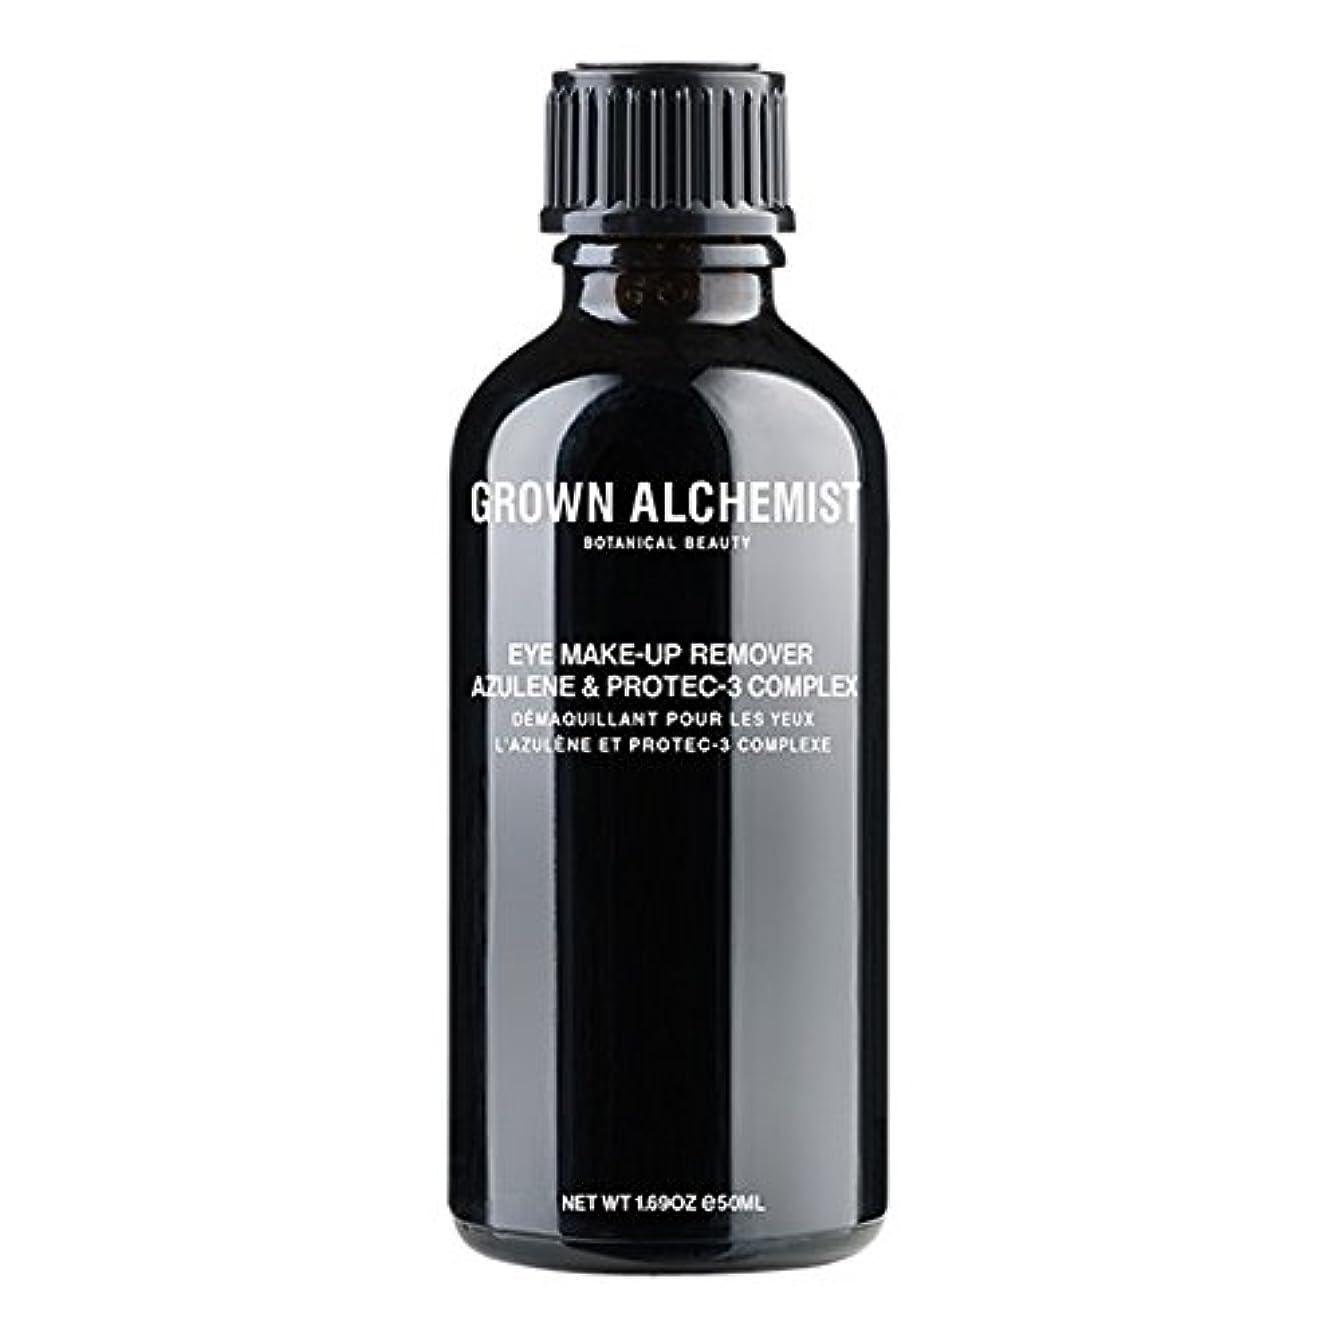 自分の誰でも混乱成長した錬金術師アズレン&Protec-3アイメイクアップリムーバーの50ミリリットル (Grown Alchemist) (x6) - Grown Alchemist Azulene & Protec-3 Eye-Makeup...